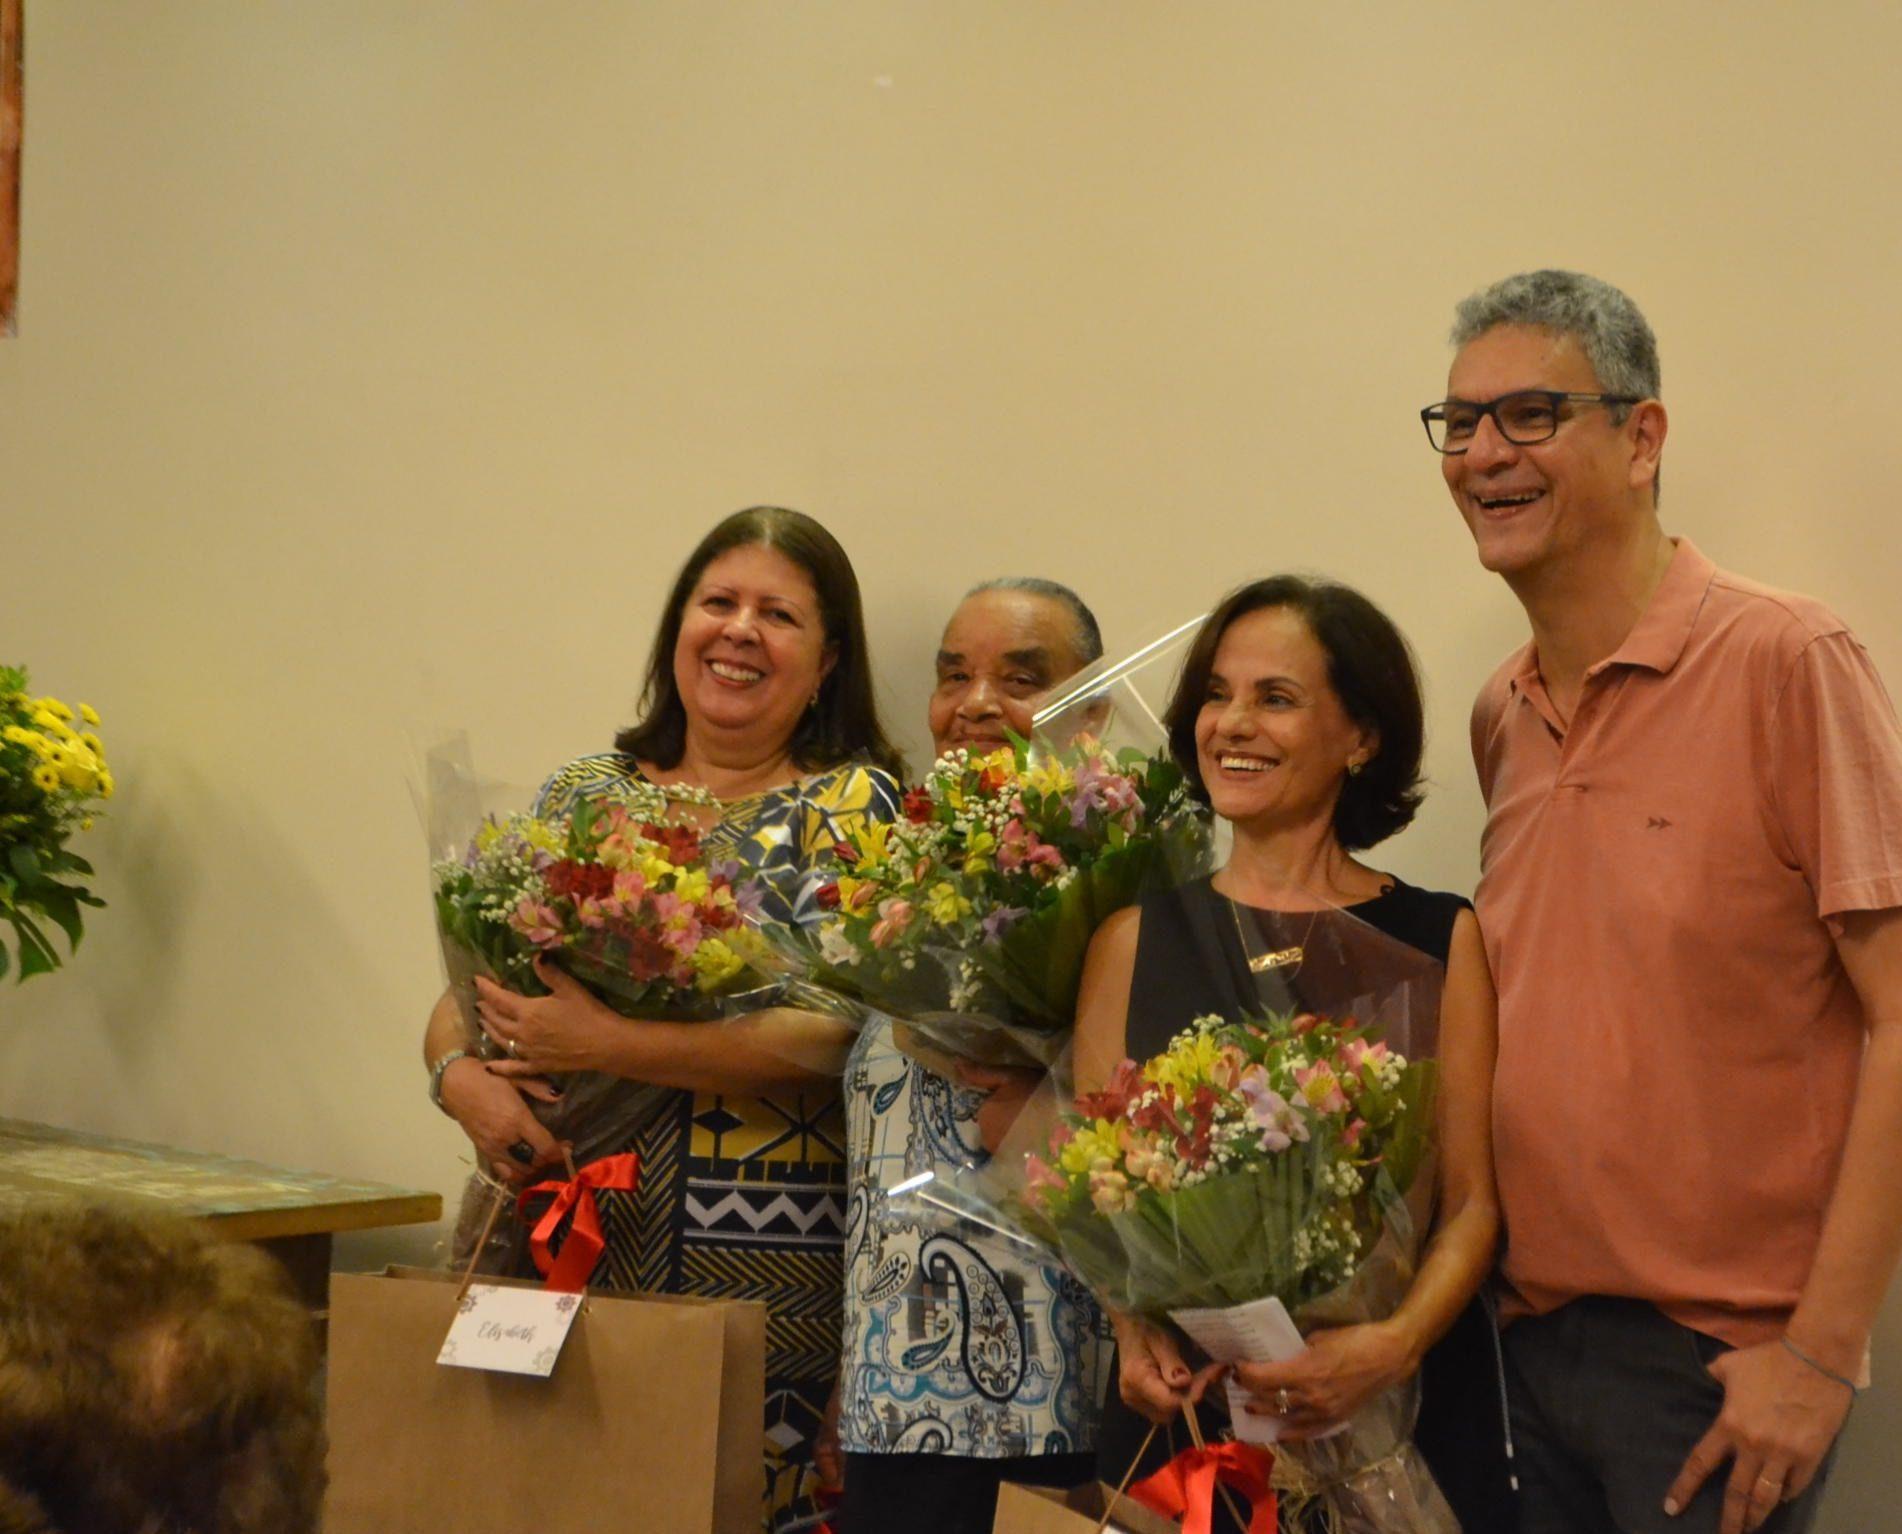 Prix reúne colaboradores e ex-colaboradores em uma noite de homenagens